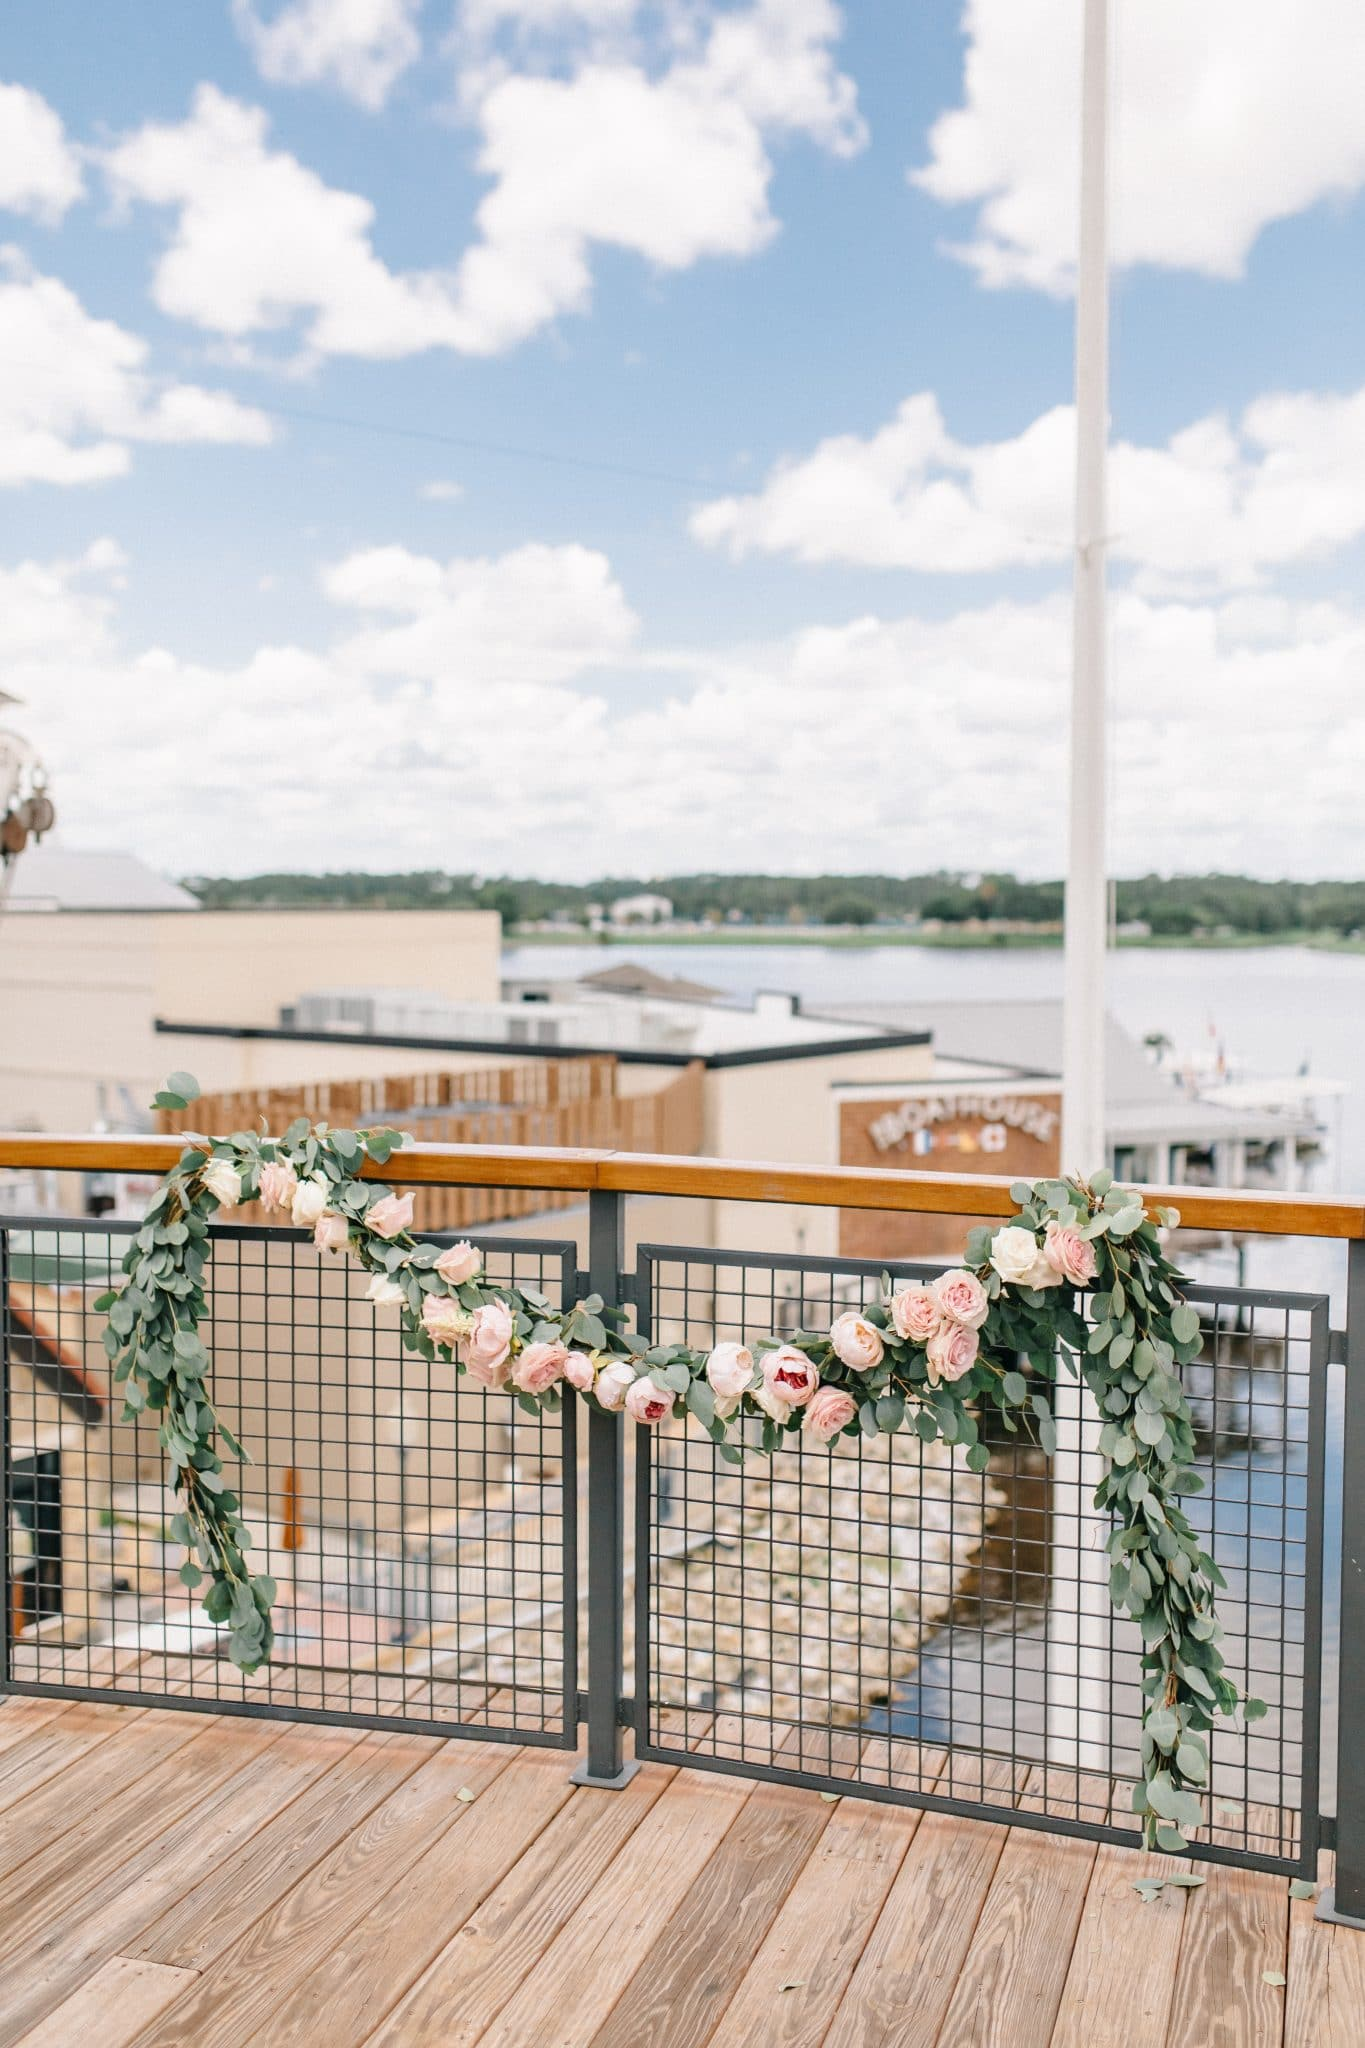 Paddlefish wedding ceremony paddleboat wedding venue roses flower garland